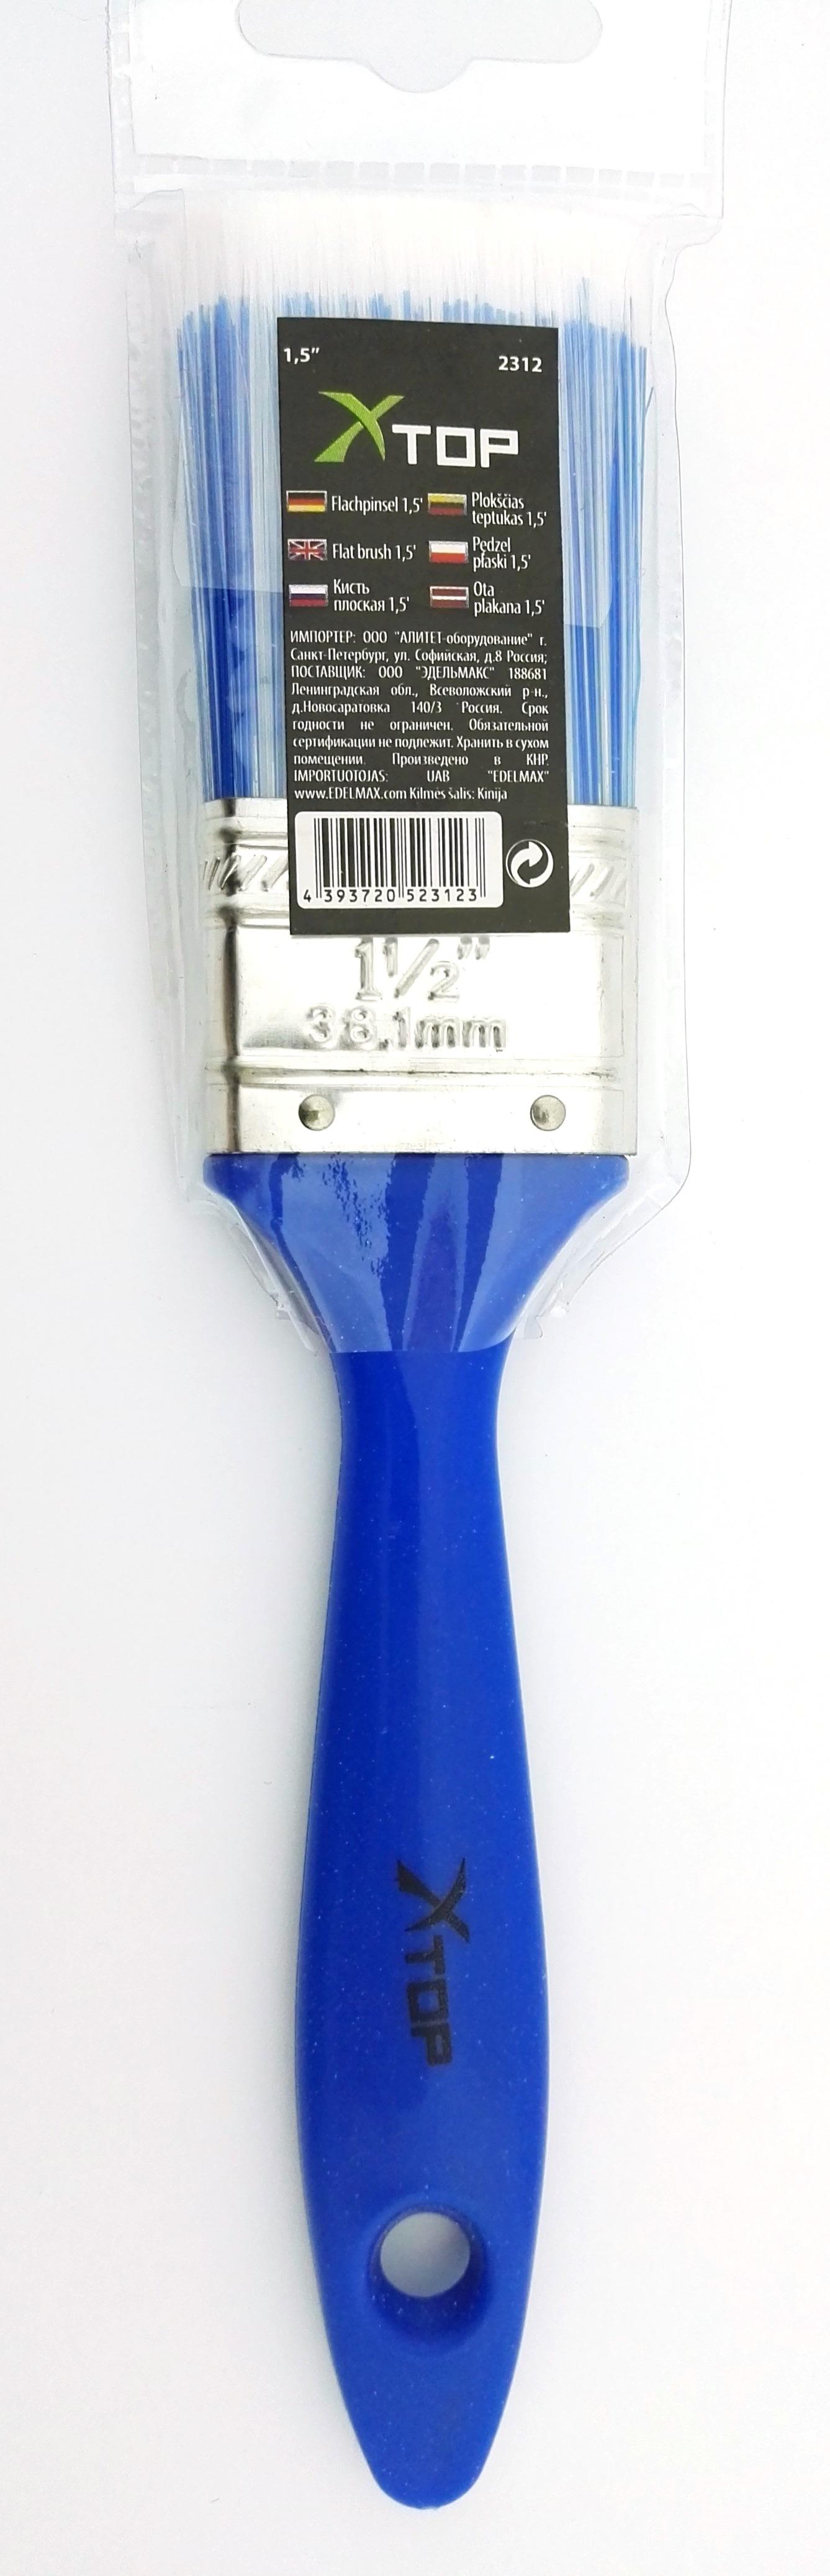 Кисть плоская Xtop 2312:e